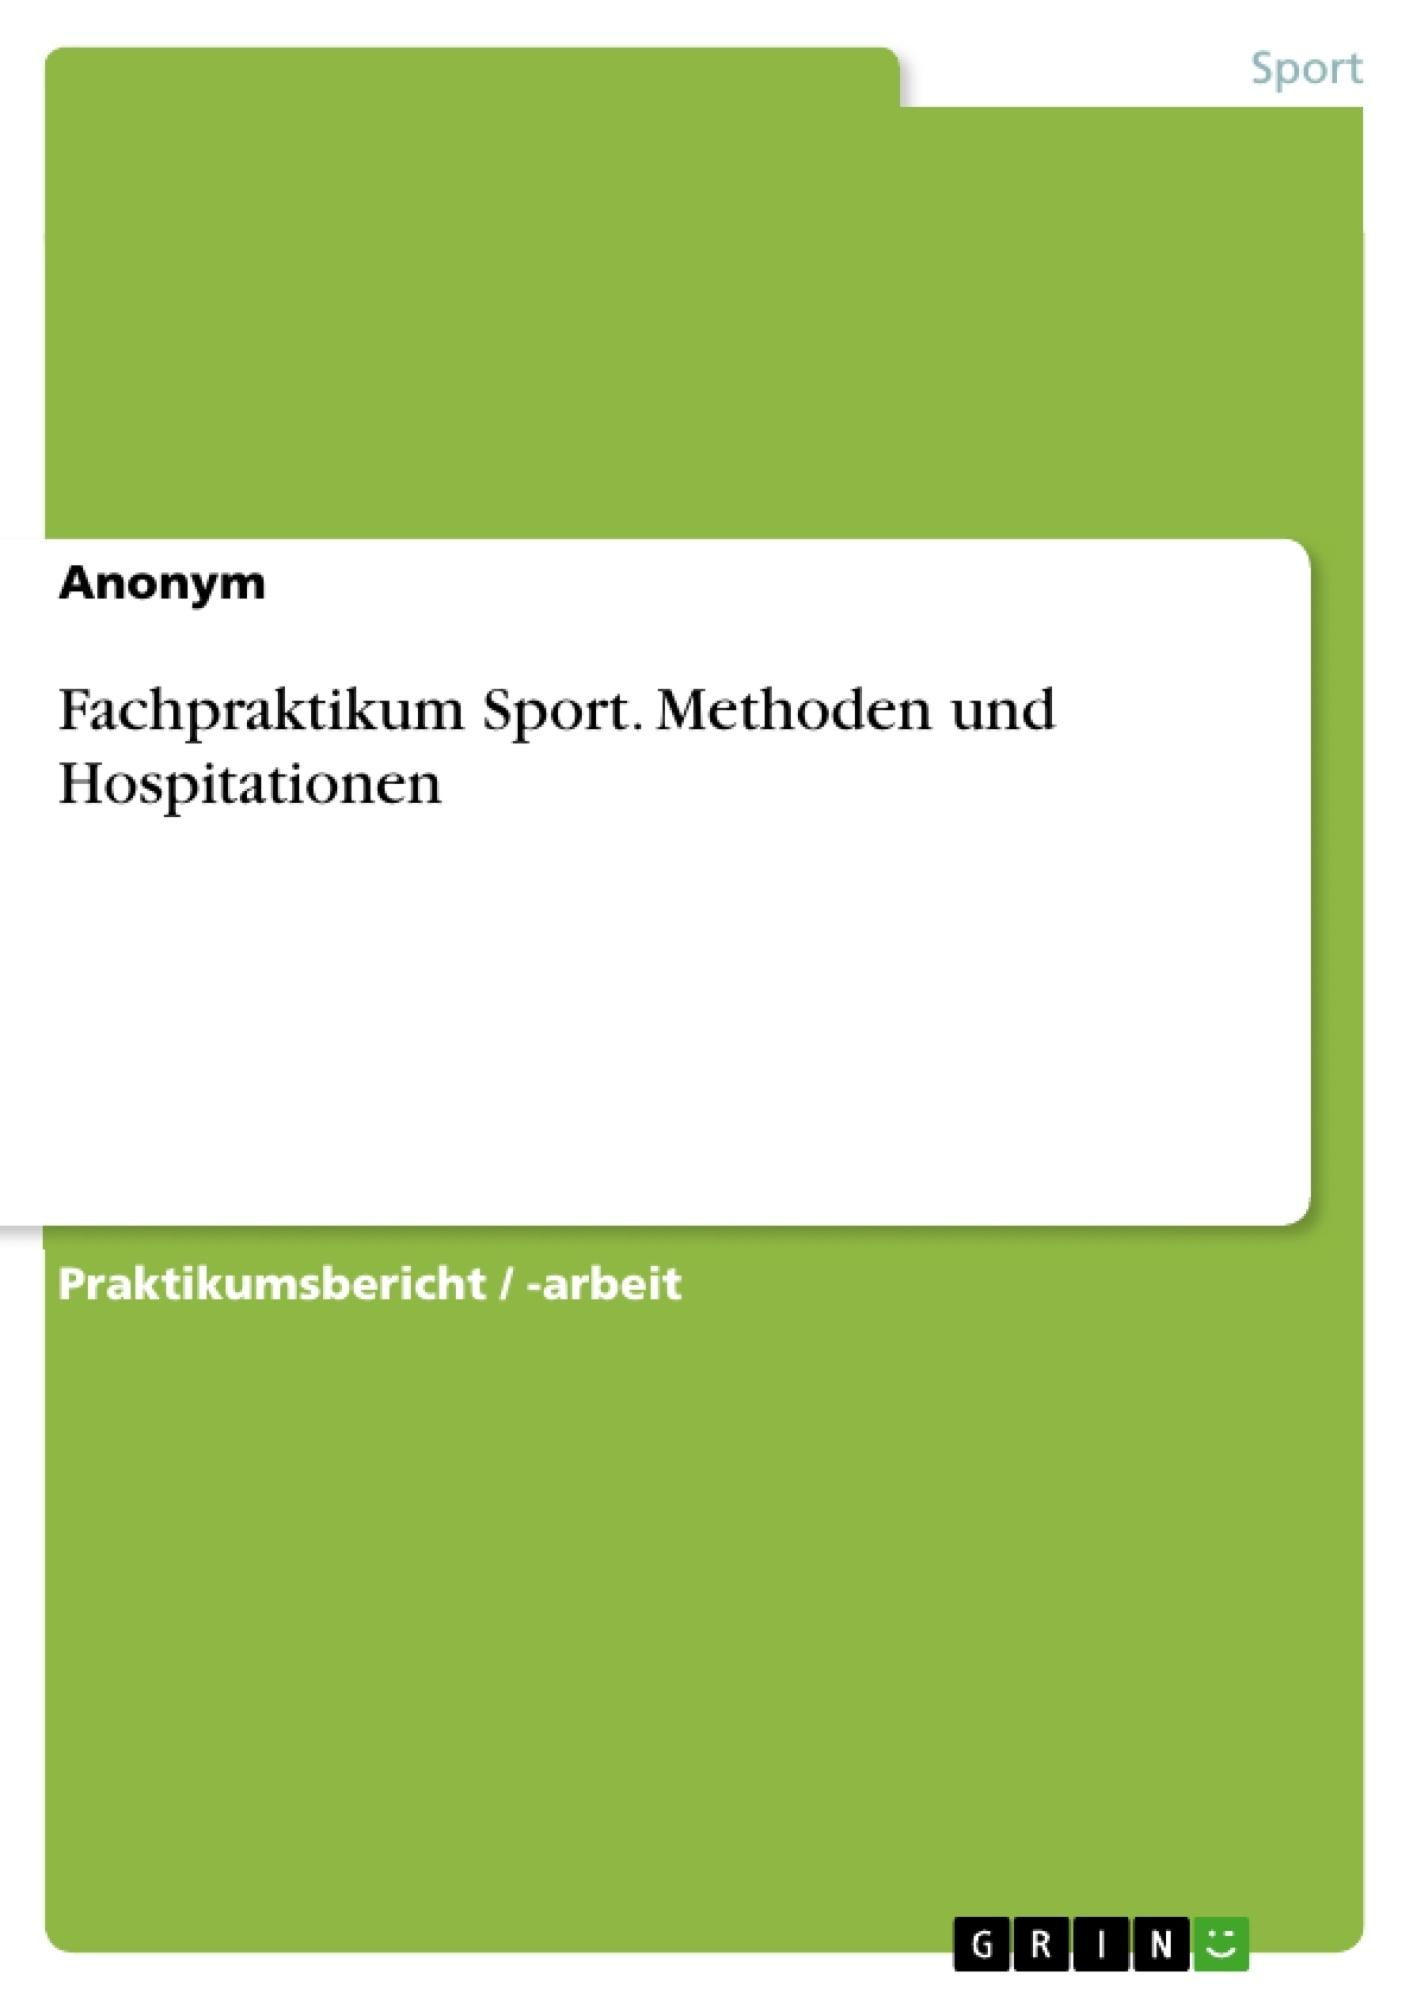 Titel: Fachpraktikum Sport. Methoden und Hospitationen